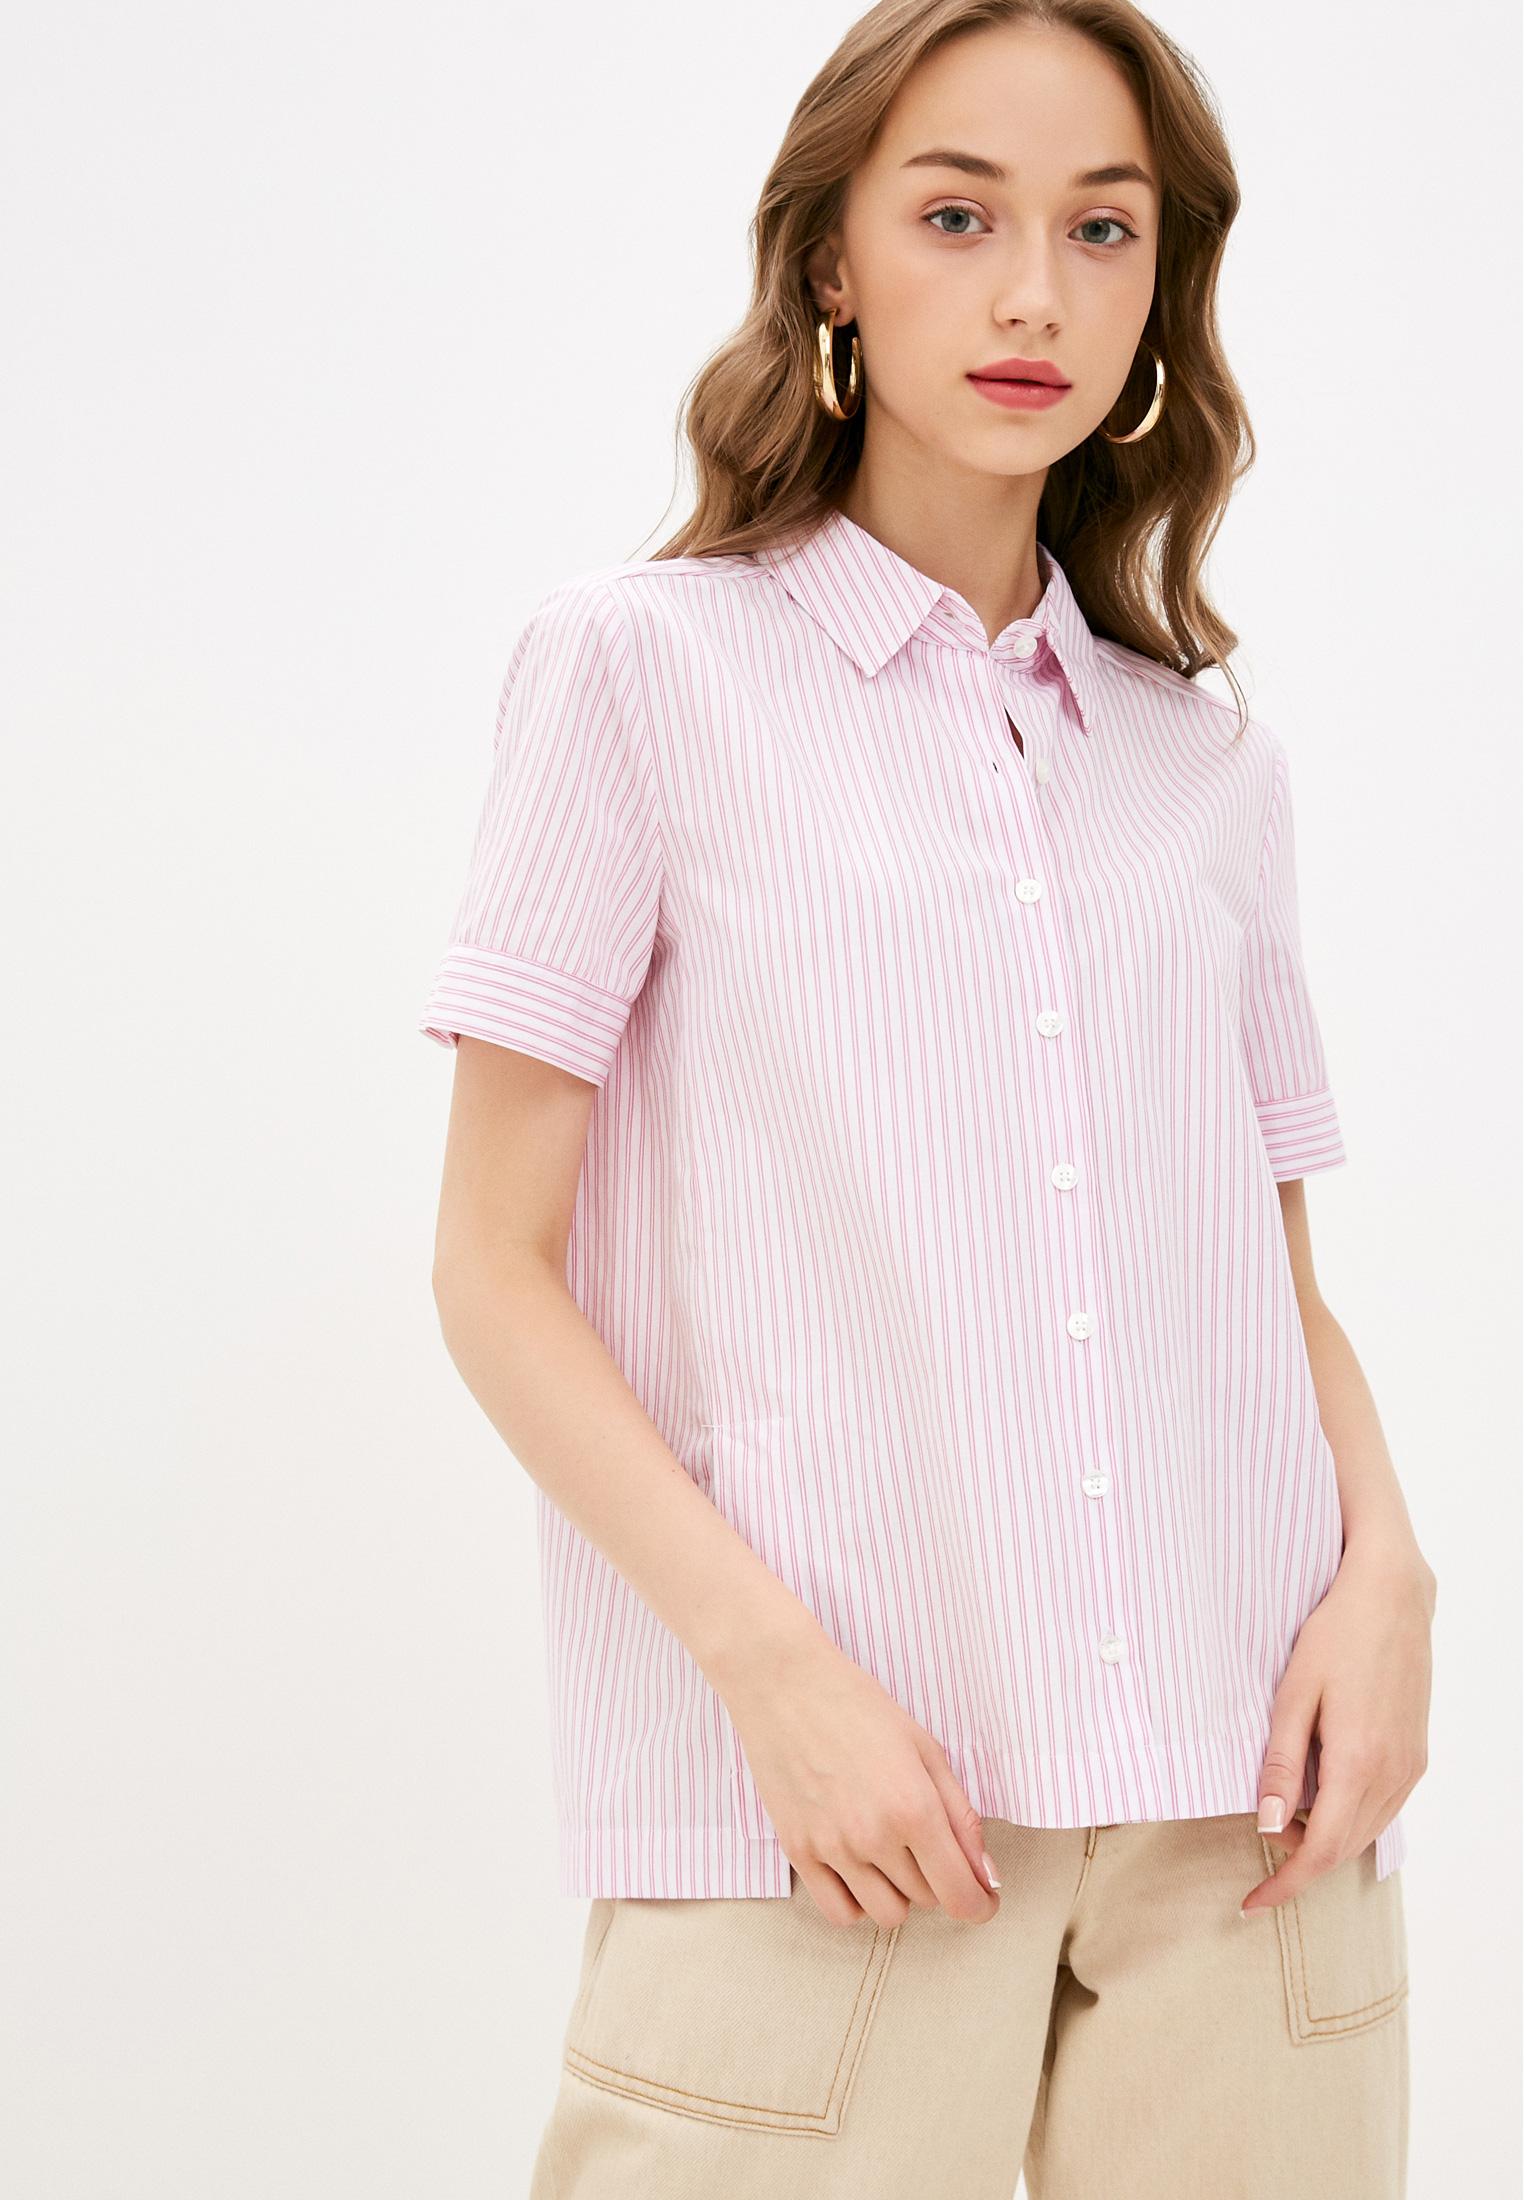 Рубашка с коротким рукавом Gerry Weber (Гарри Вебер) 260102-66662